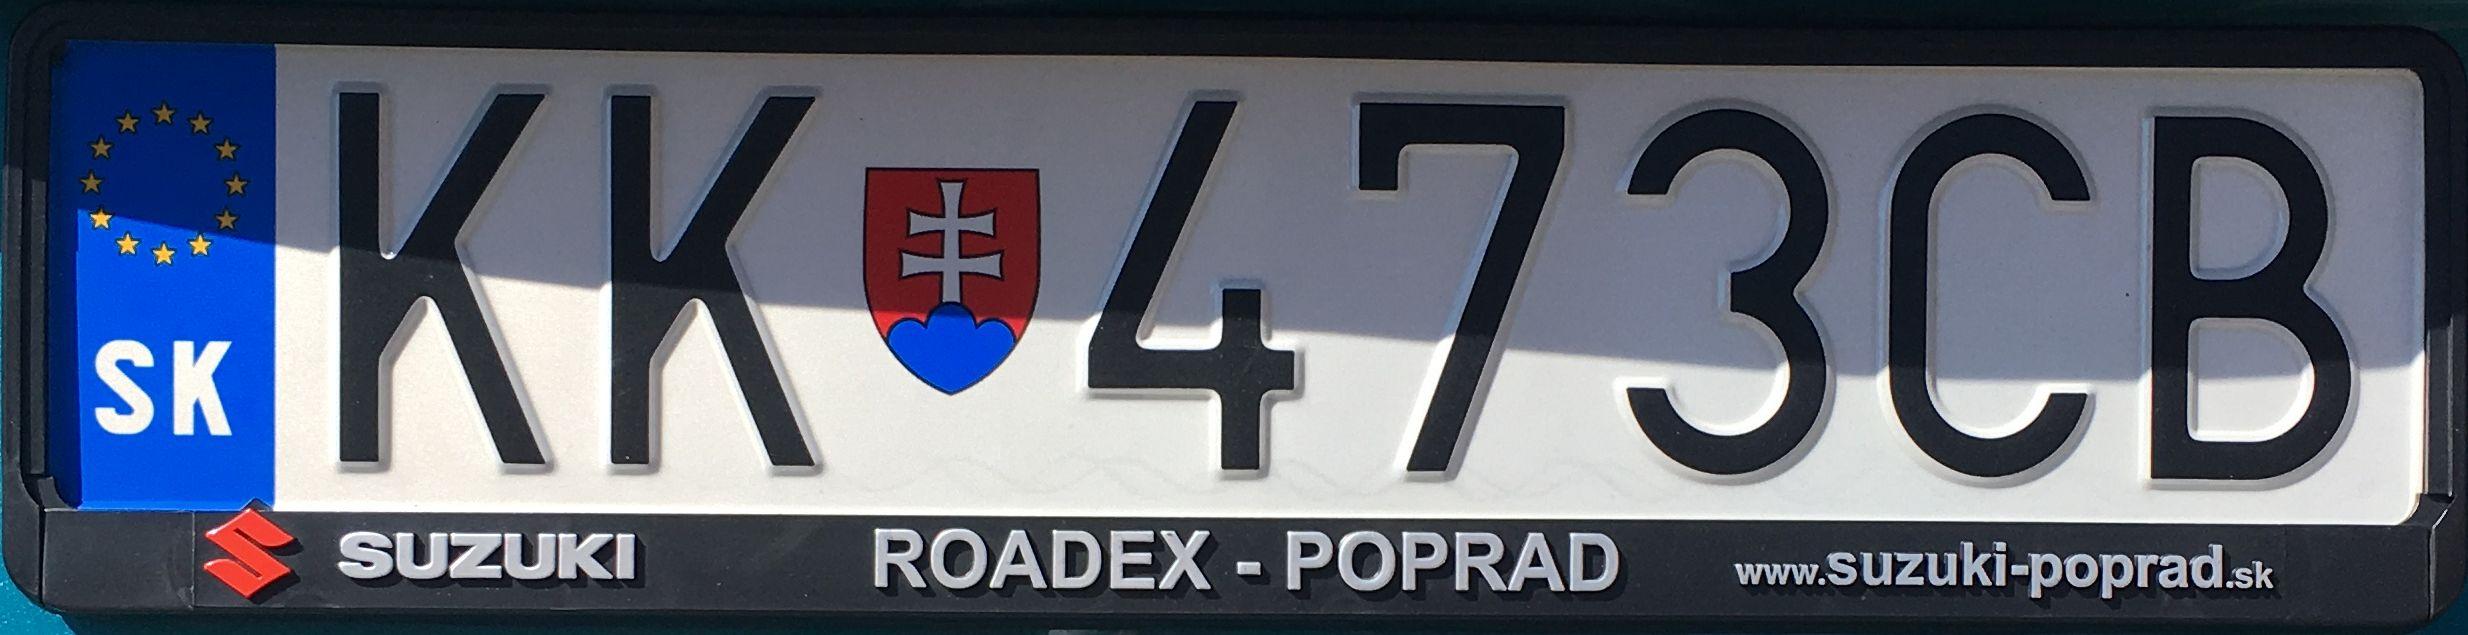 Registrační značka Slovensko - KK - Kežmarok, foto:www.podalnici.cz